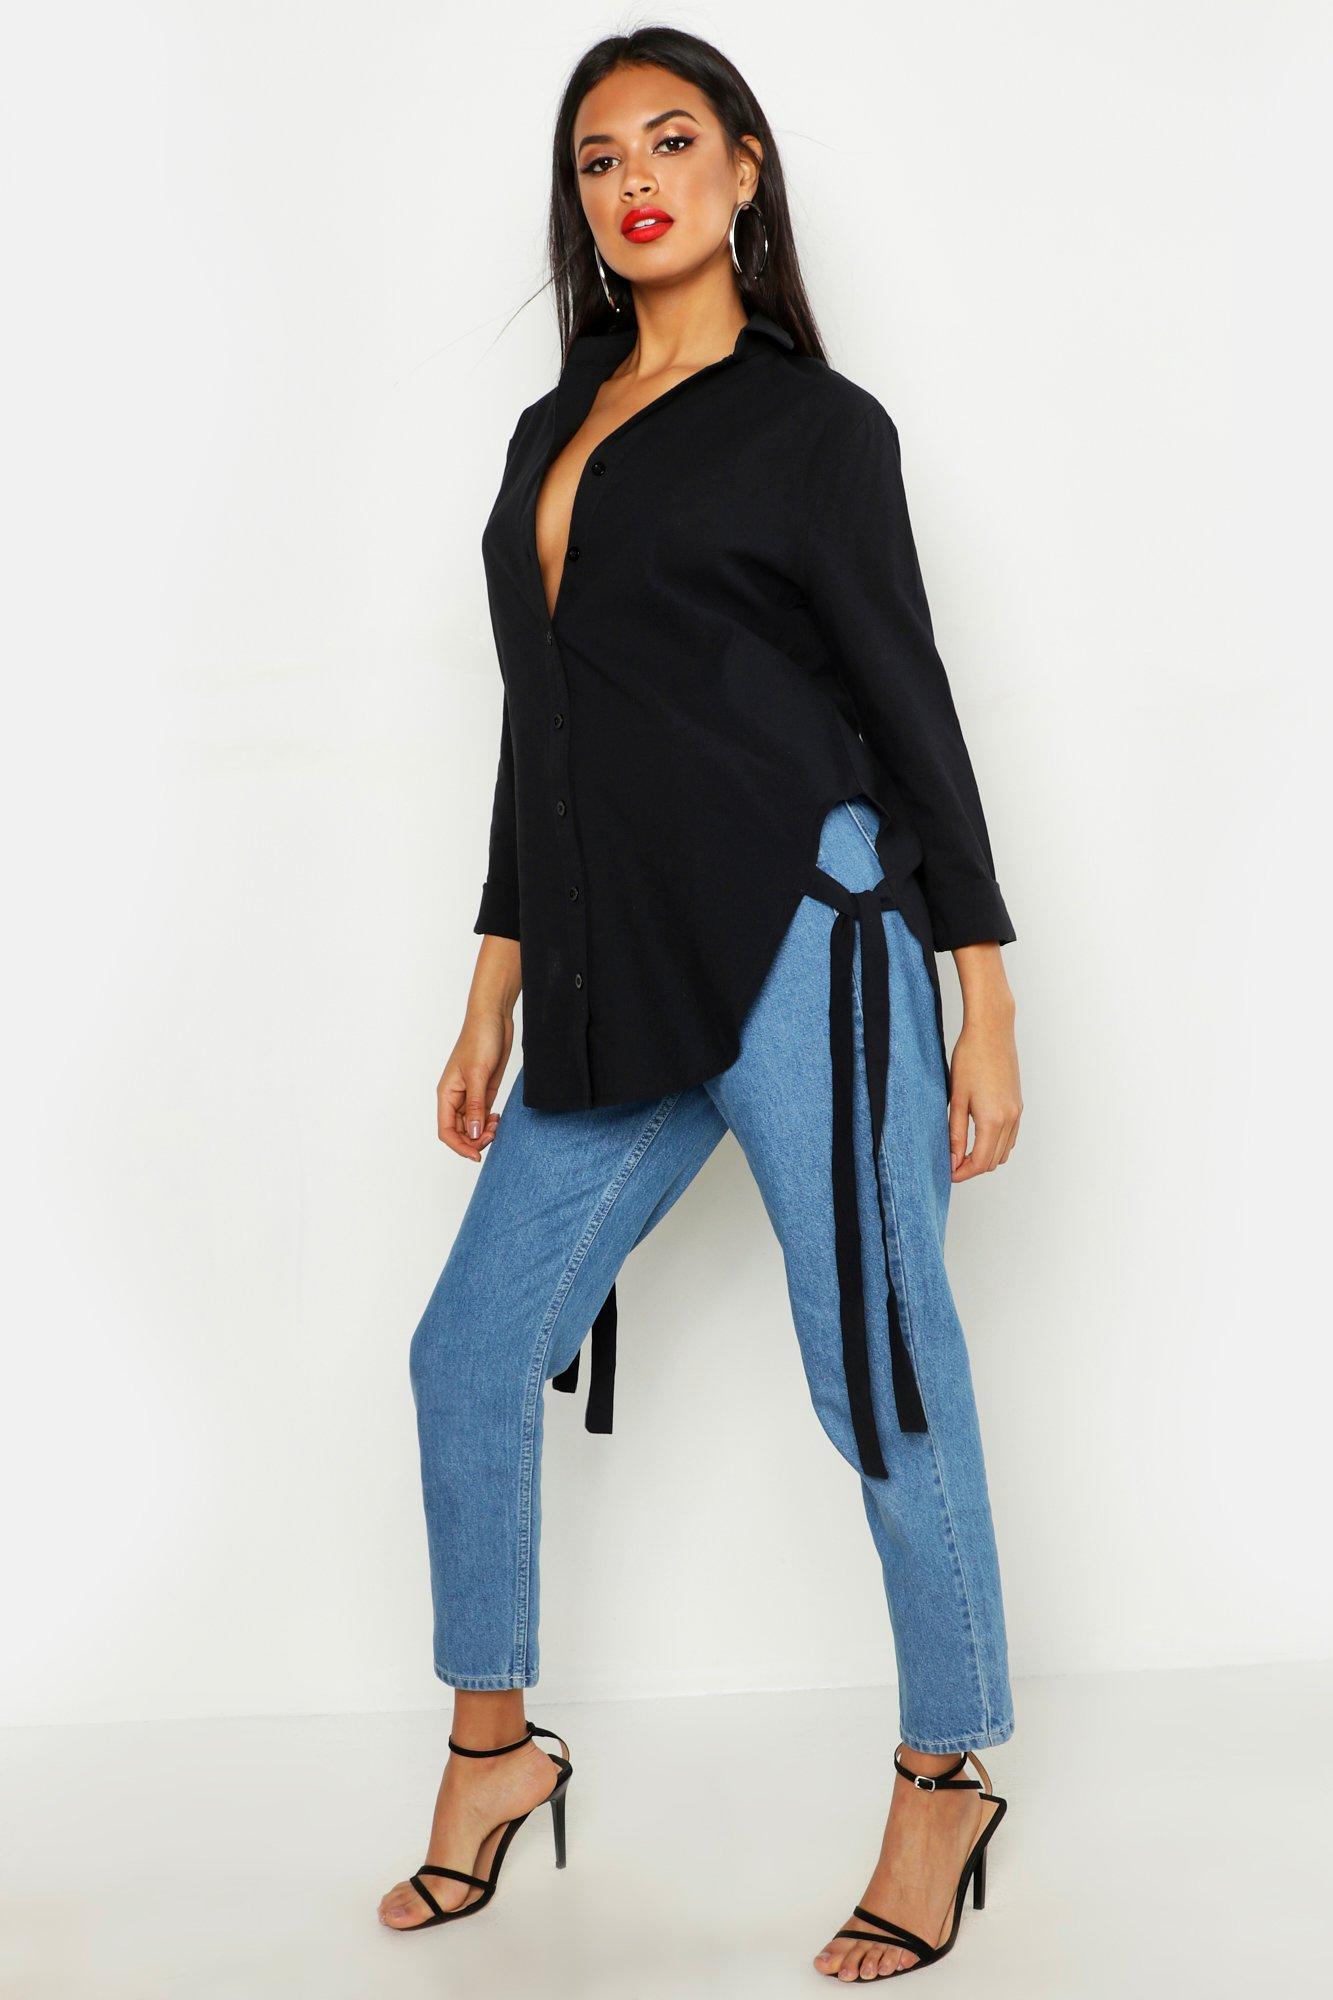 Womens Oversized-Longline-Hemd in Leinen-Optik mit seitlicher Bindung - schwarz - 34, Schwarz - Boohoo.com